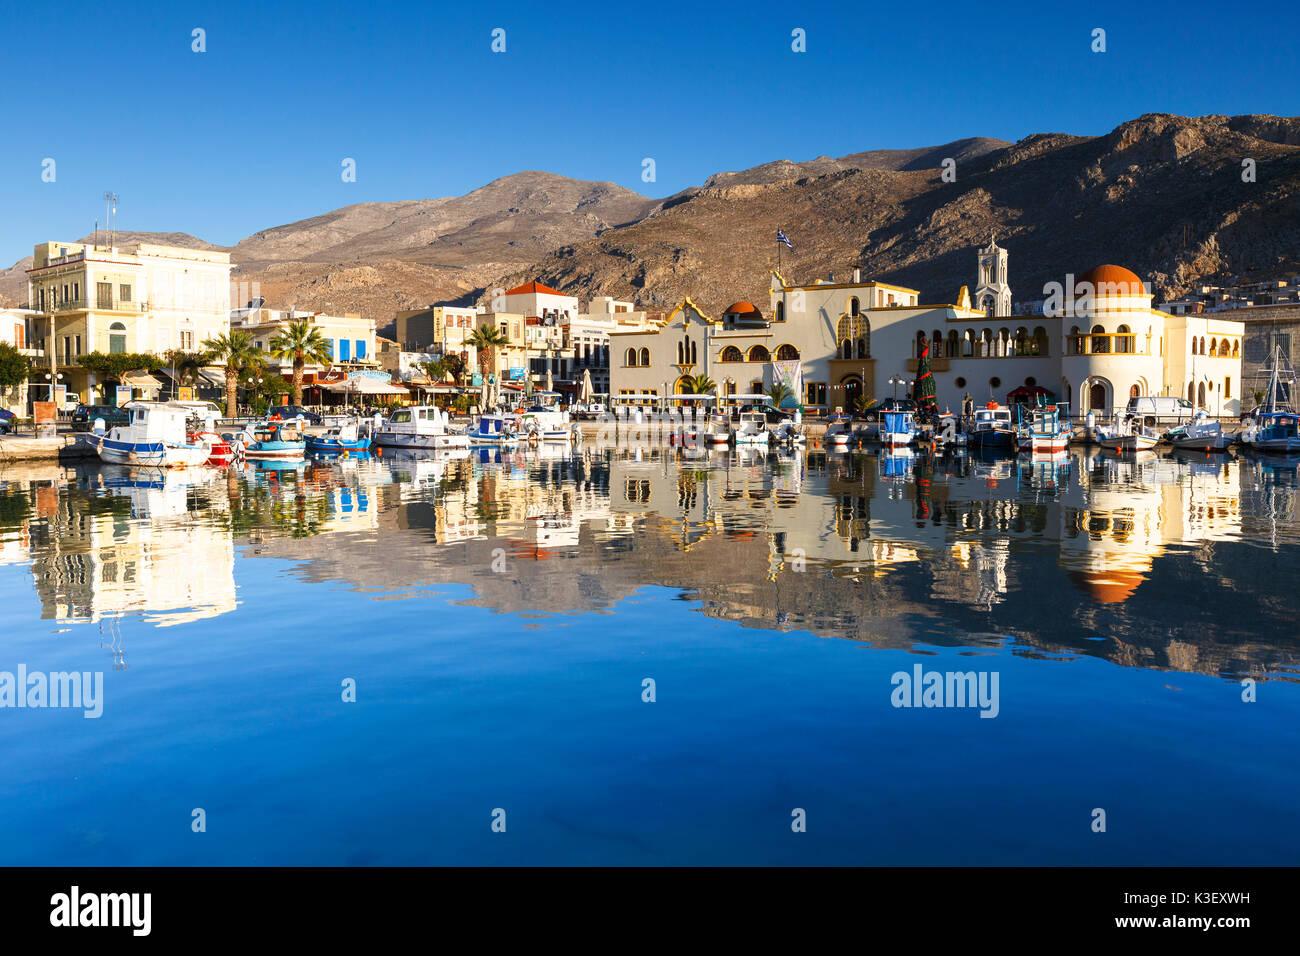 Vista della città di Kalymnos nelle prime ore del mattino, Grecia. Immagini Stock